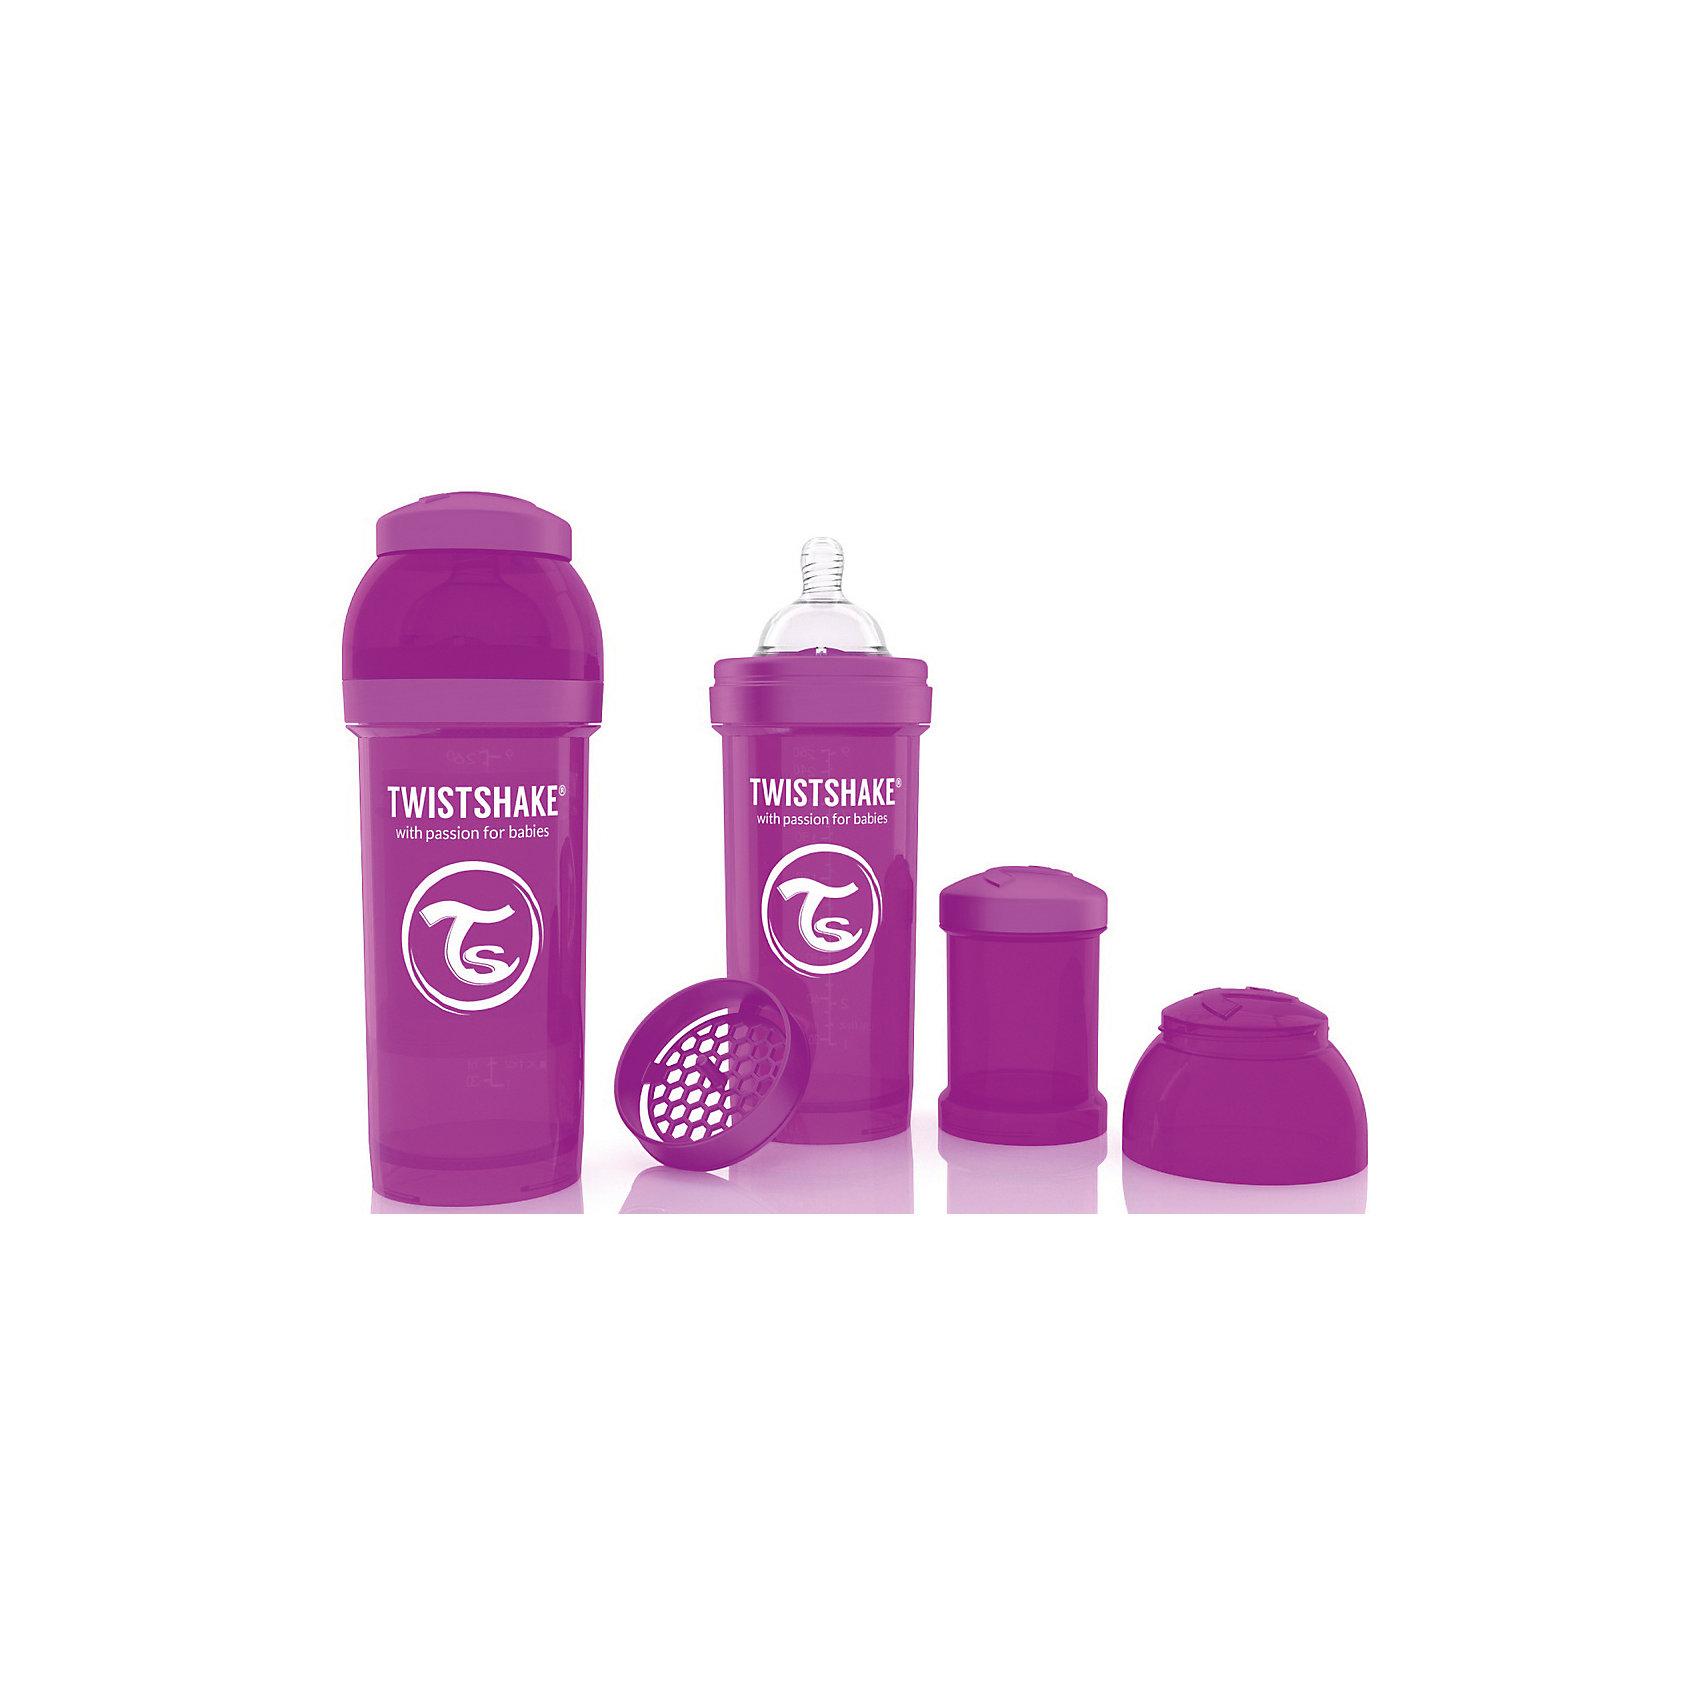 Антиколиковая бутылочка 260 мл., Twistshake, фиолетовыйАнтиколиковая бутылочка 260 мл., фиолетовый от шведского бренда Twistshake (Твистшейк), придет по вкусу малышам и современным родителям. Эти бутылочки идут в комплекте с контейнером для сухой смеси, чтобы можно было готовить смесь в любом месте непосредсвенно перед кормлением. Также в комплект входит решеточка для разбивки комочков смеси, делая саму смесь идеальной. Материал бутылочки имеет свойства сохранения температуры, не содержит бисфенол А. Удобная форма горлышка обеспечивает доступ к полной промывки бутылочки, можно стерилизовать как холодным, так и горячим методами. Небольшой контейнер для смеси (100 мл.) можно использовать для хранения еды, например печенья или кусочков яблока. Соска бутылочки имеет ортодонтичную форму, благодаря специальному клапану и строению предотвращает попадание воздуха и снижает вероятность появления коликов у крохи. Все предметы складываются в бутылочку для удобной транспортировки и хранения. Также можно купить бутылочки разных цветов и комбинировать их в любимые цветовые сочетания.<br><br>Дополнительная информация:<br><br>- В комплект входит: бутылочка с соской 260 мл., контейнер с крышкой 100 мл., решетка, крышка для бутылочки.<br>- Размер соски: М<br>- Состав бутылочки: 100% пропиллен<br>- Состав соски: силикон<br><br>Антиколиковую бутылочку 260 мл., Twistshake, фиолетовый можно купить в нашем интернет-магазине.<br>Подробнее:<br>• Для детей в возрасте: от 2 месяцев <br>• Номер товара: 4976048<br>Страна производитель: Китай<br><br>Ширина мм: 70<br>Глубина мм: 70<br>Высота мм: 190<br>Вес г: 164<br>Возраст от месяцев: 2<br>Возраст до месяцев: 12<br>Пол: Унисекс<br>Возраст: Детский<br>SKU: 4976048